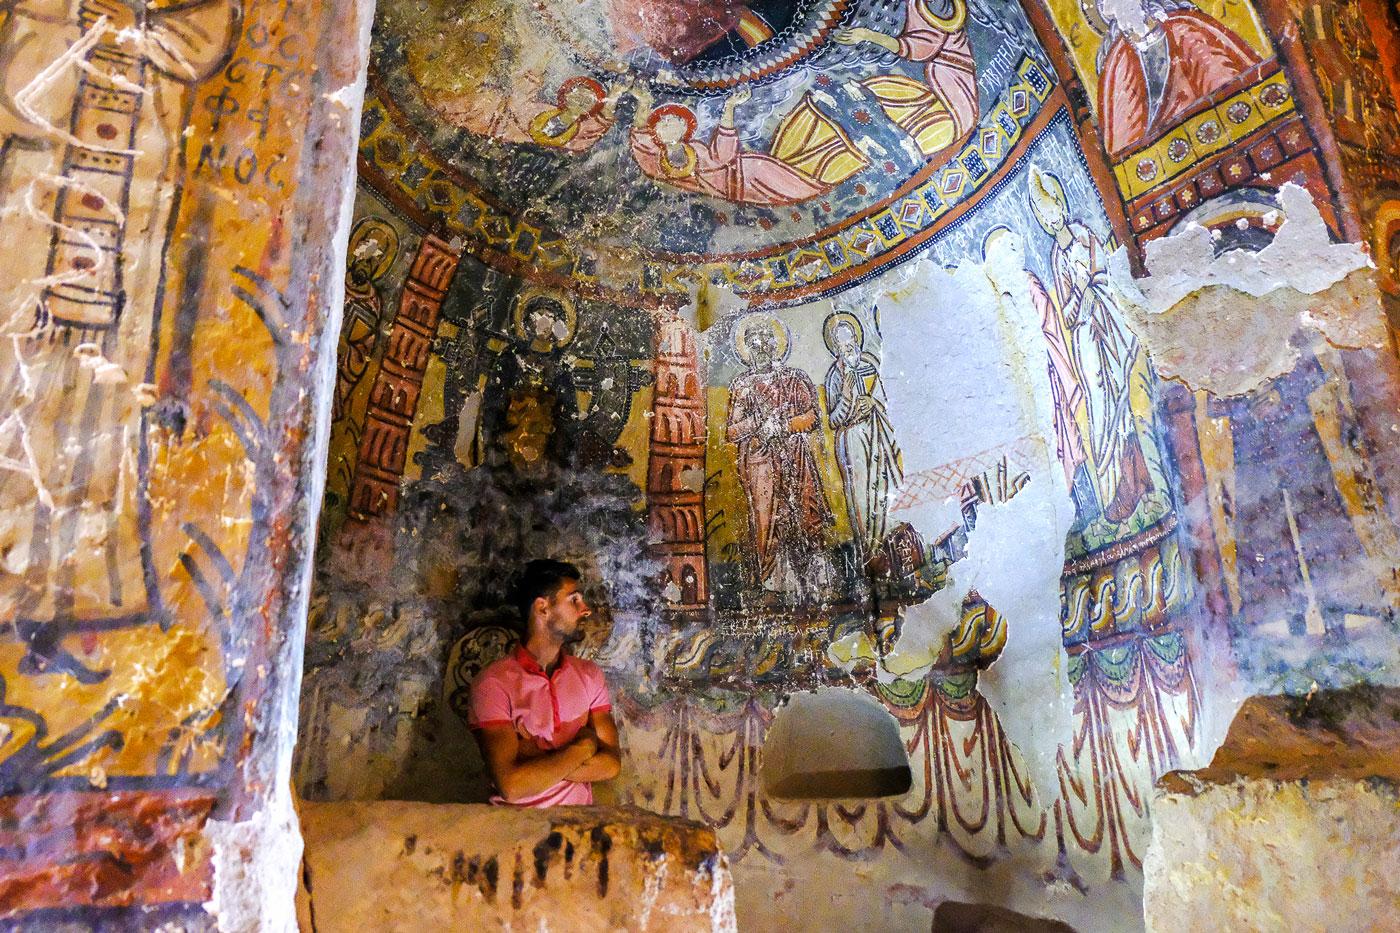 Turkey by bike, Arthur in a troglodyte church in the Ihlara Valley. Cycling Turquey, Arthur in a cave church at Ihlara valley.